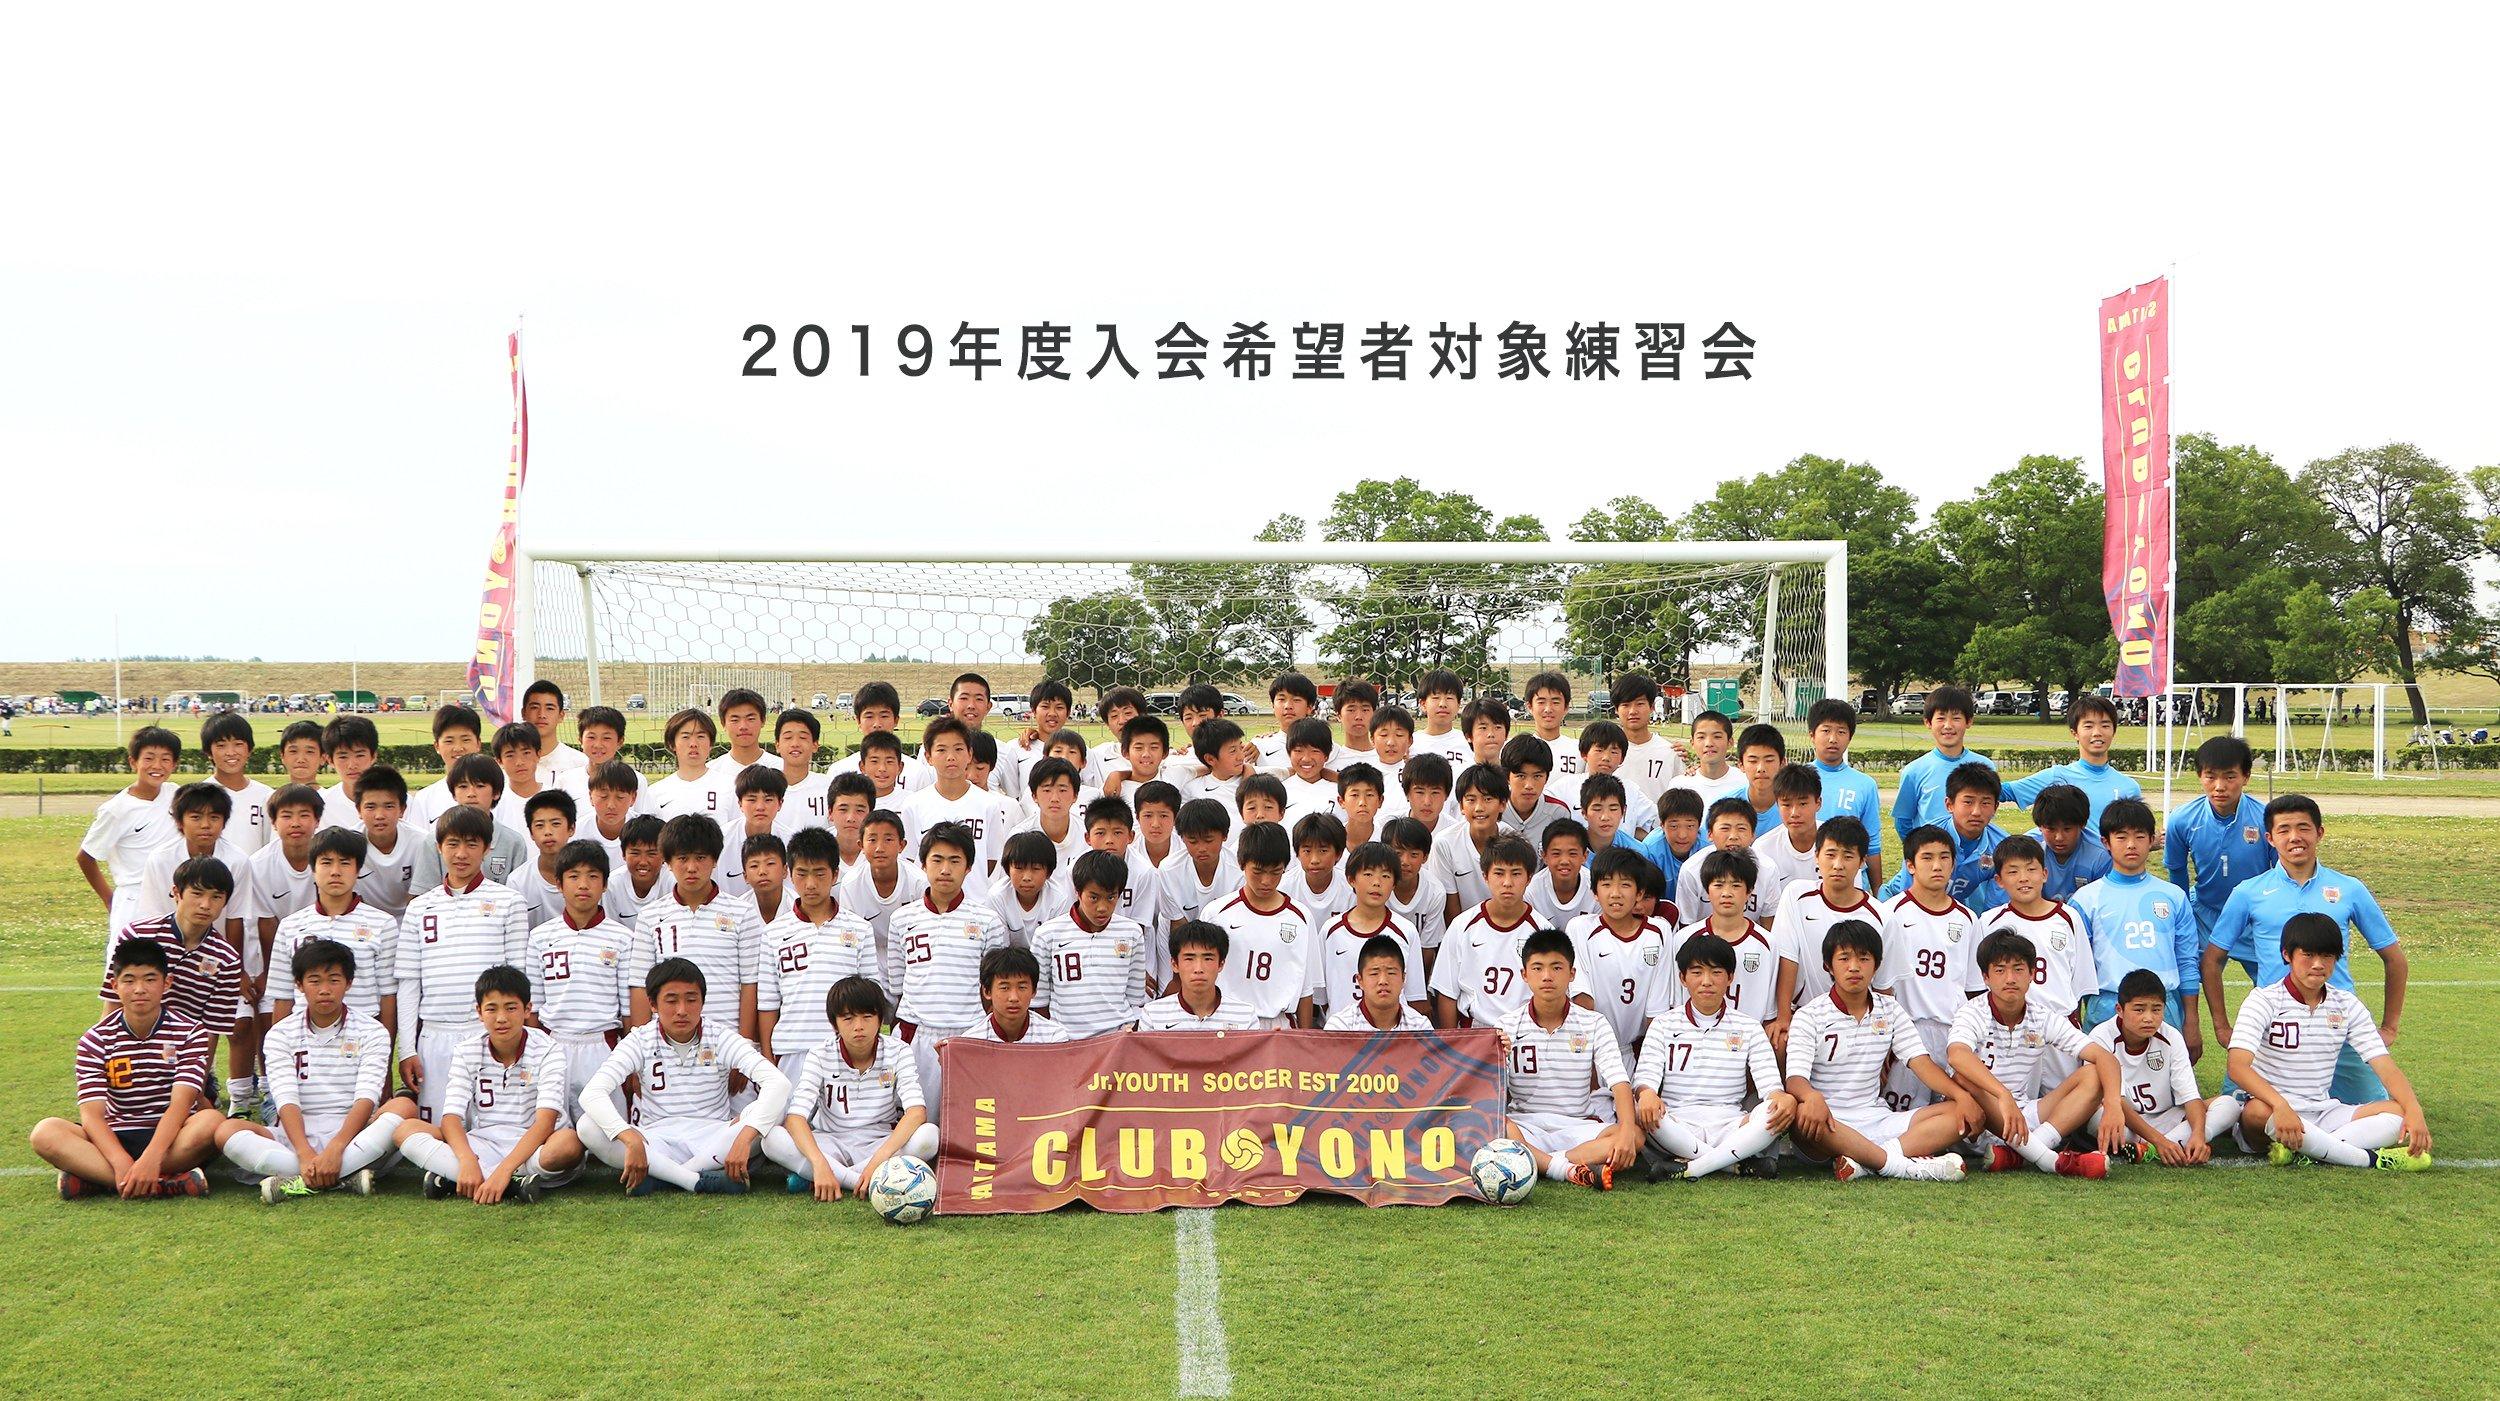 クラブ与野2019練習会.jpg